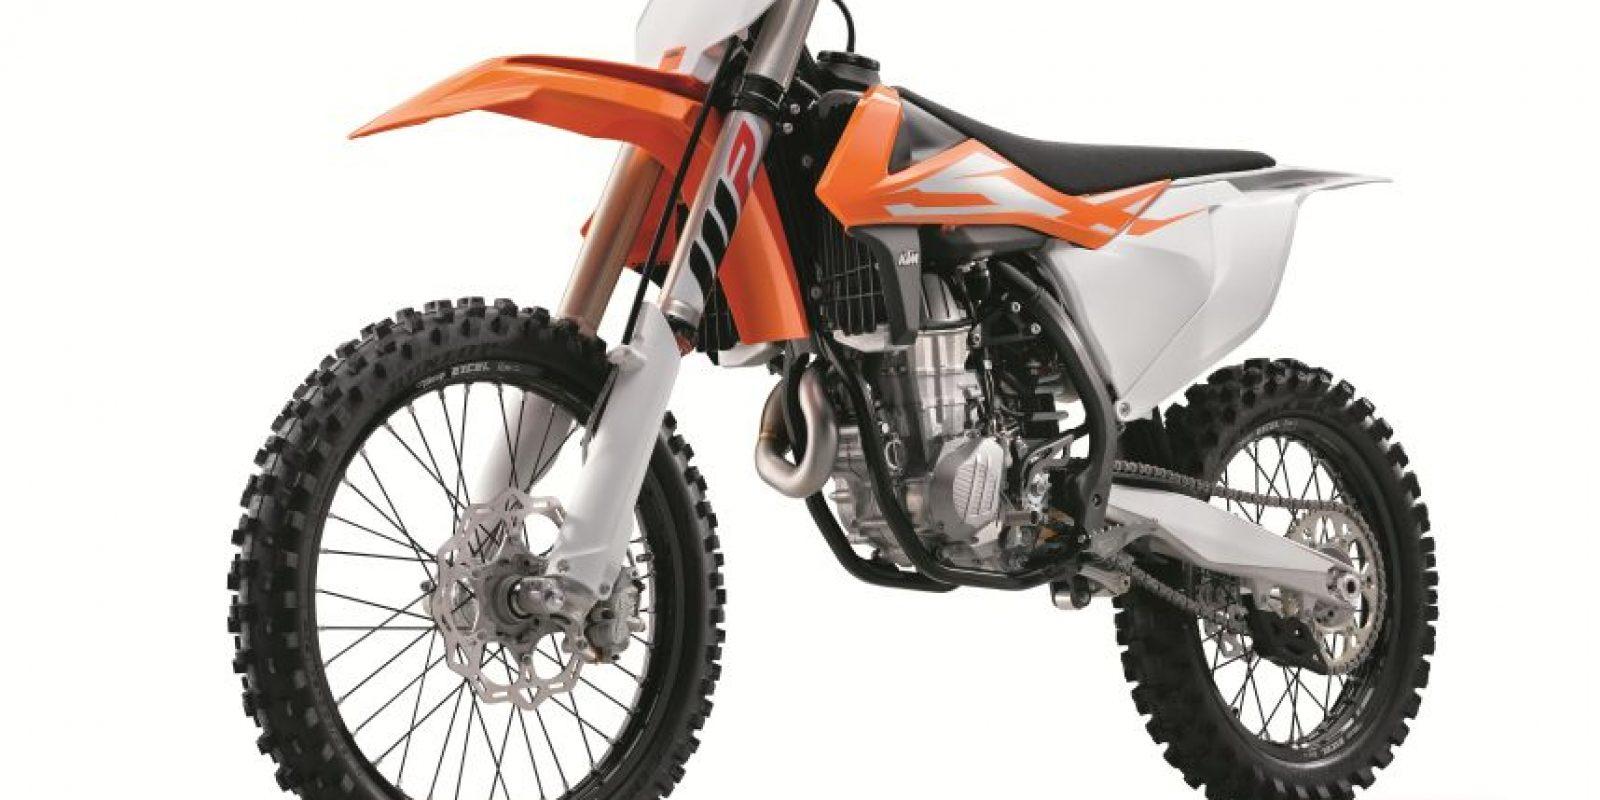 Las motocicletas tienen tecnologías derivadas de las motos ganadoras de 14 Rally Dakar consecutivos. Foto:Cortesía